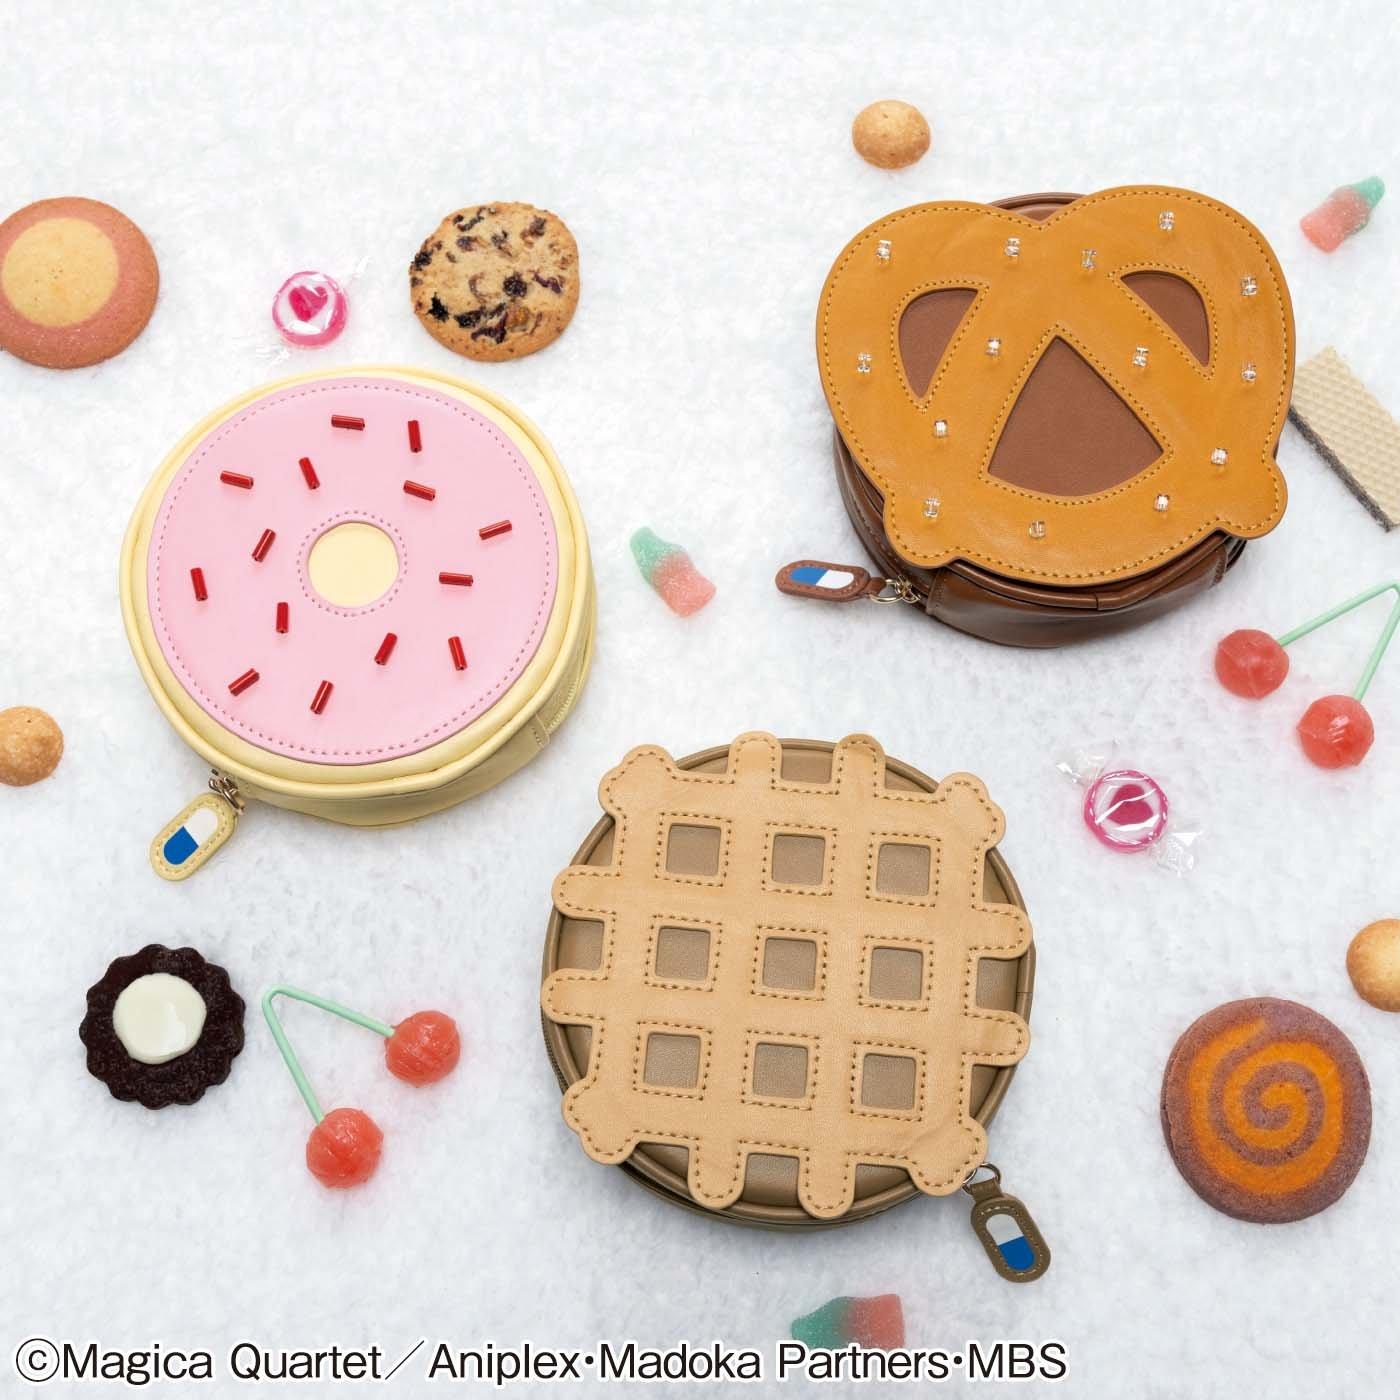 魔法少女まどか☆マギカ お菓子の魔女ポーチの会